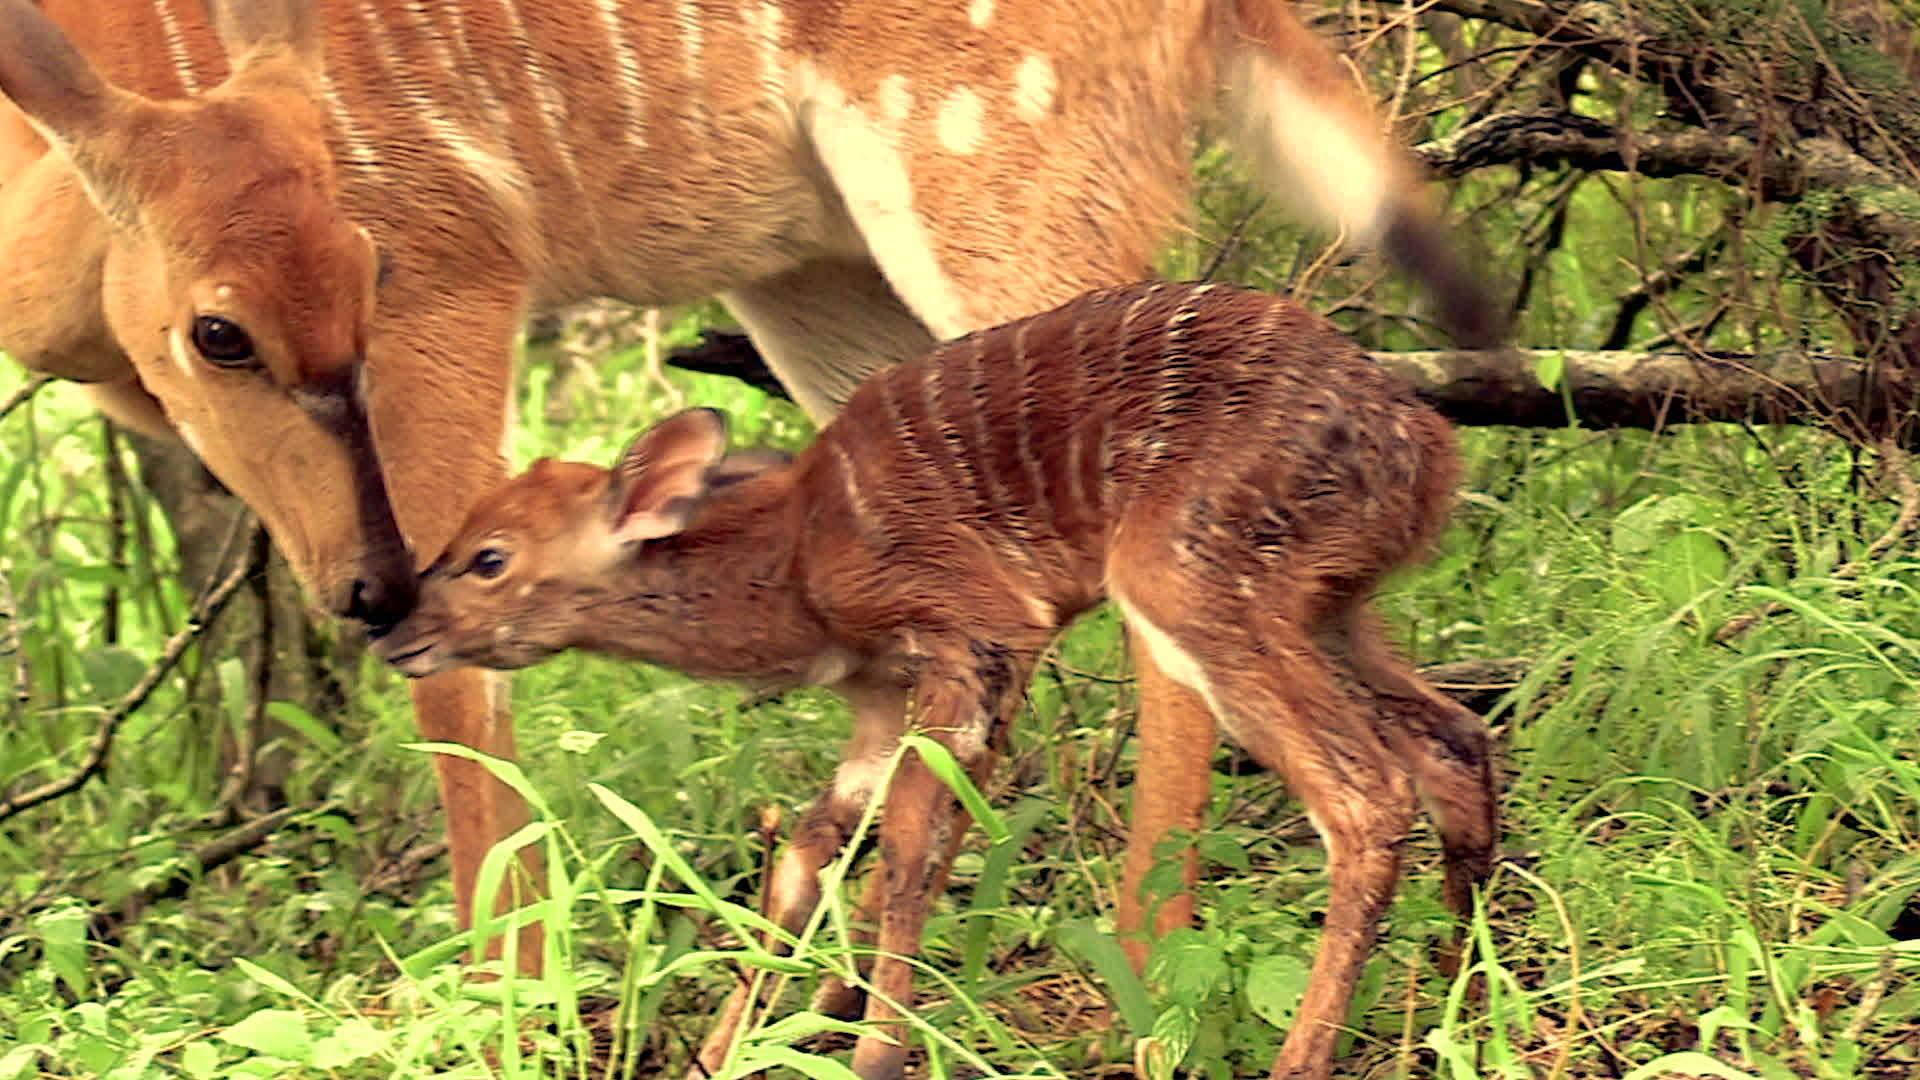 Baby Nyalas